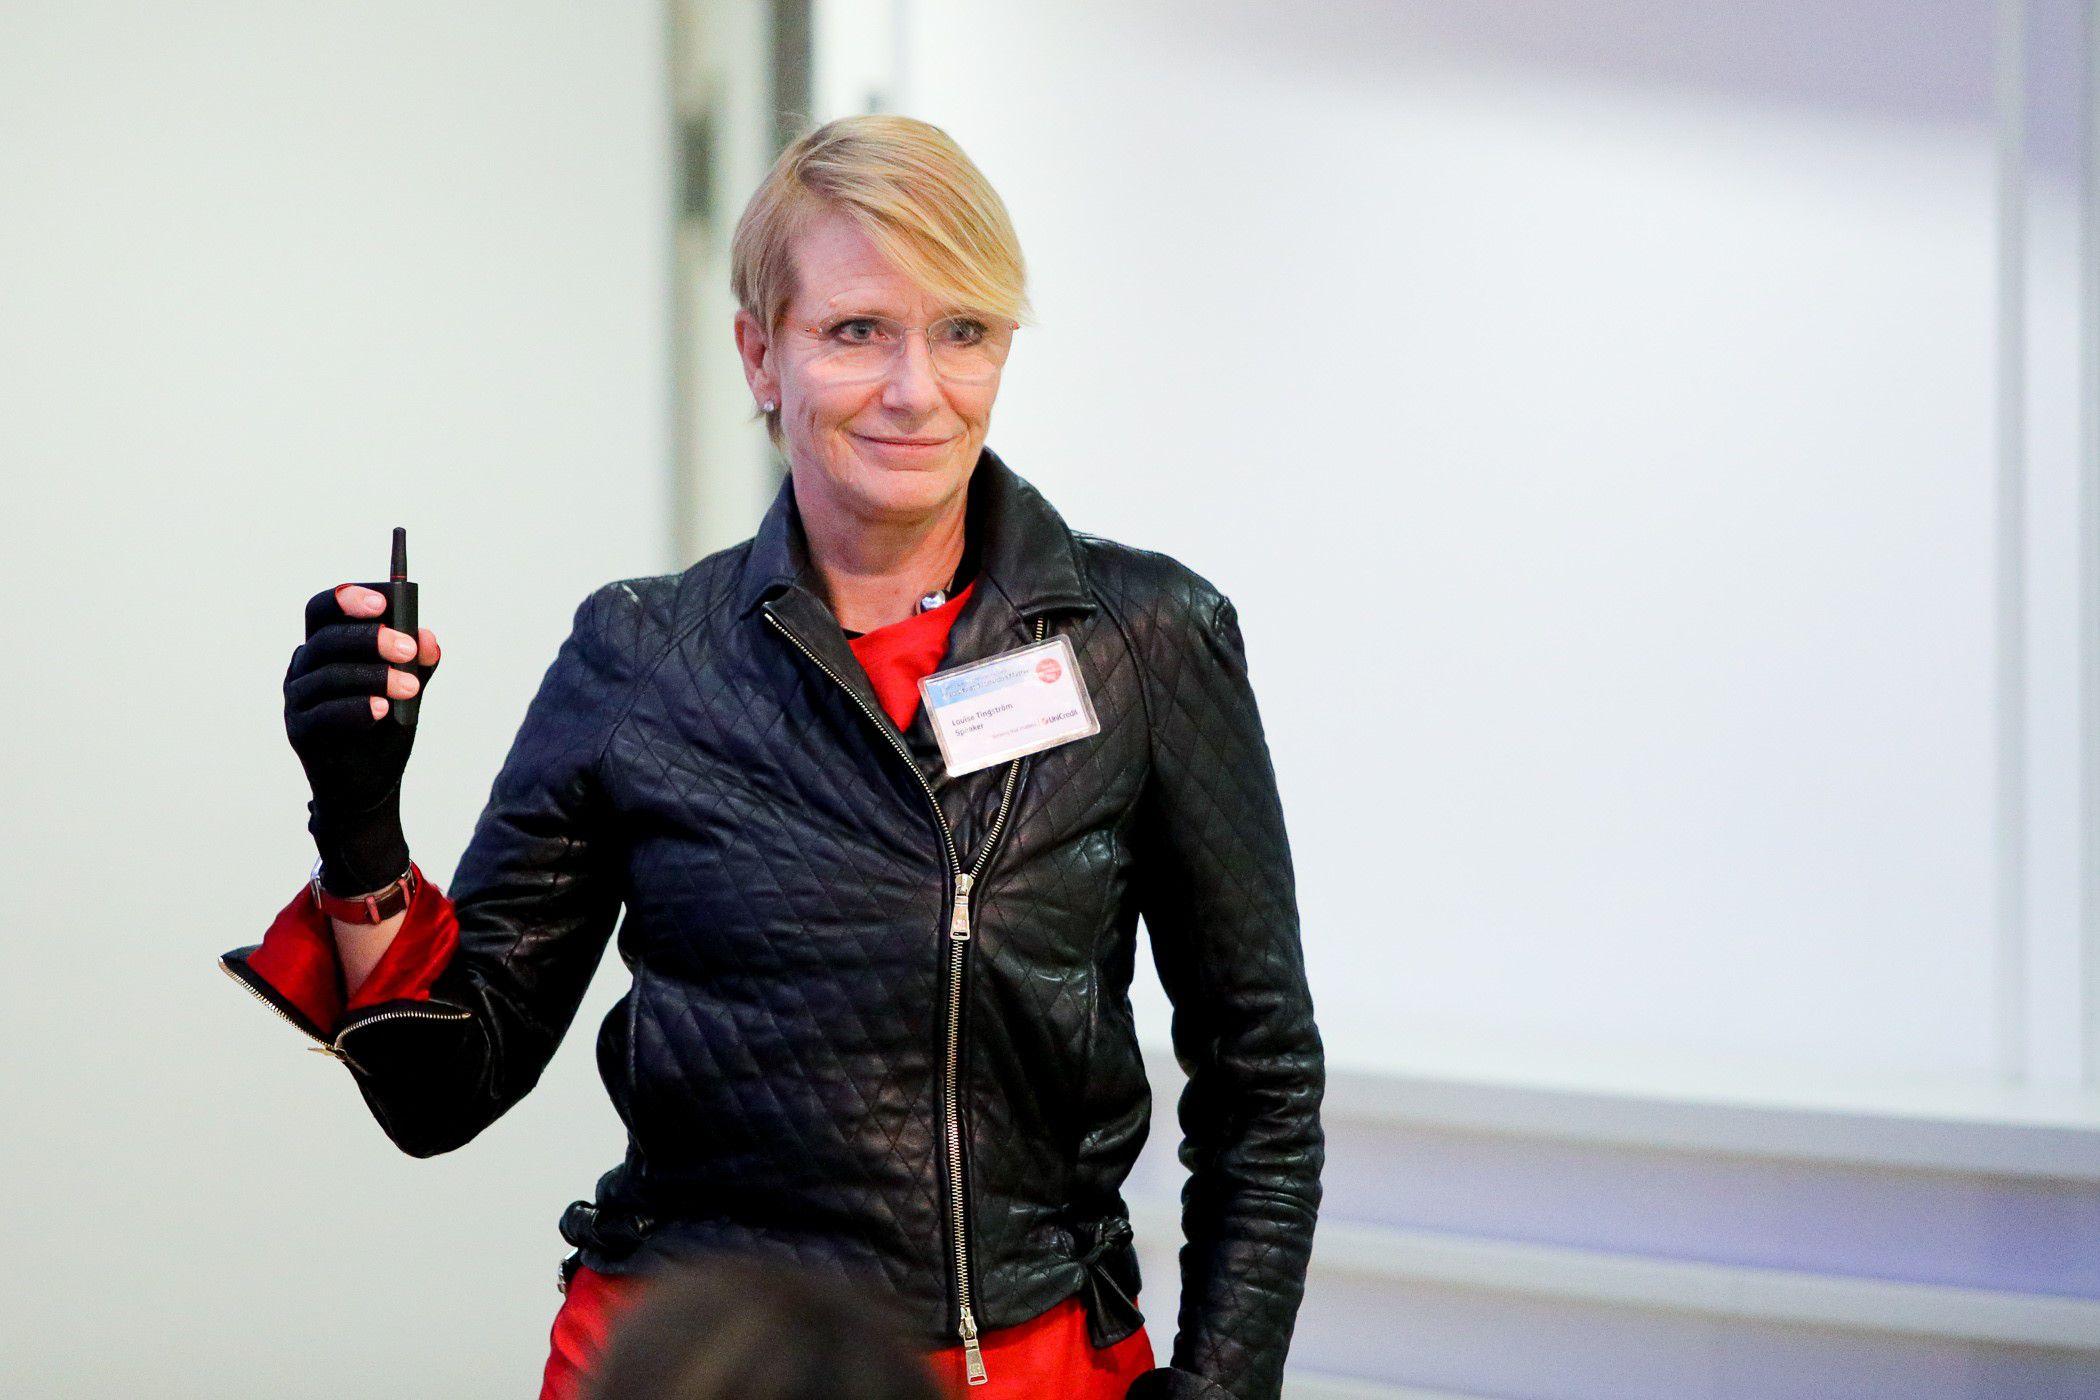 Louise Tingstrom u sklopu projekta Career Paths Connects podijelit će svoje bogato životno iskustvo s polaznicima